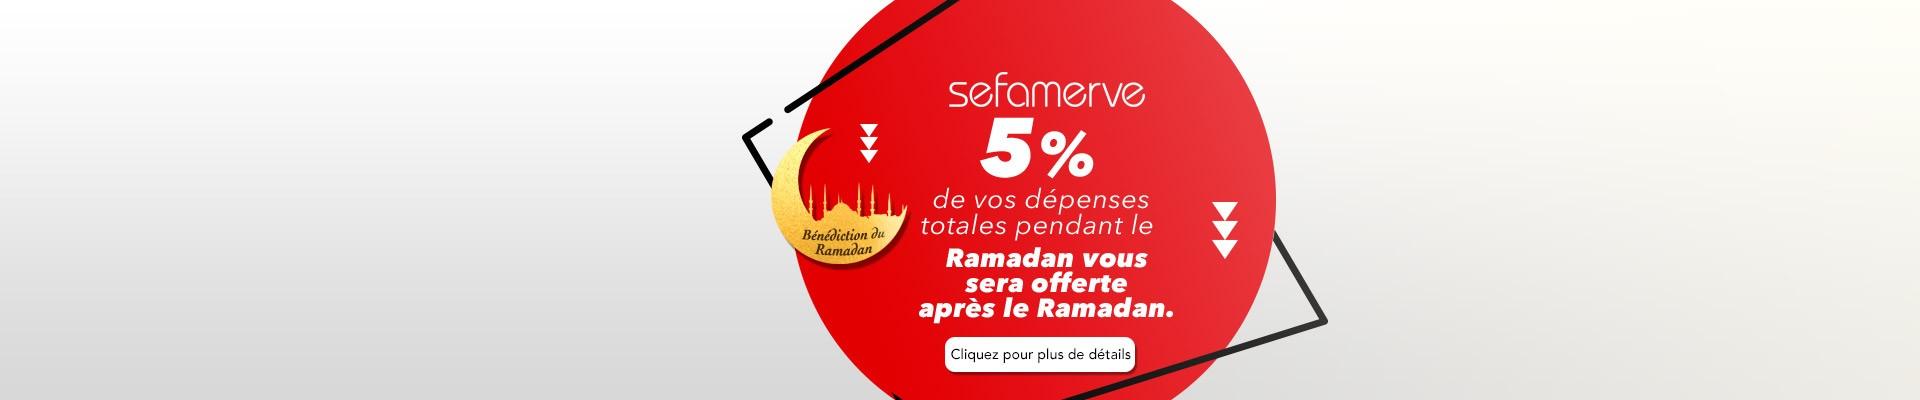 5% de vos dépenses totales pendant le Ramadan vous sera offerte